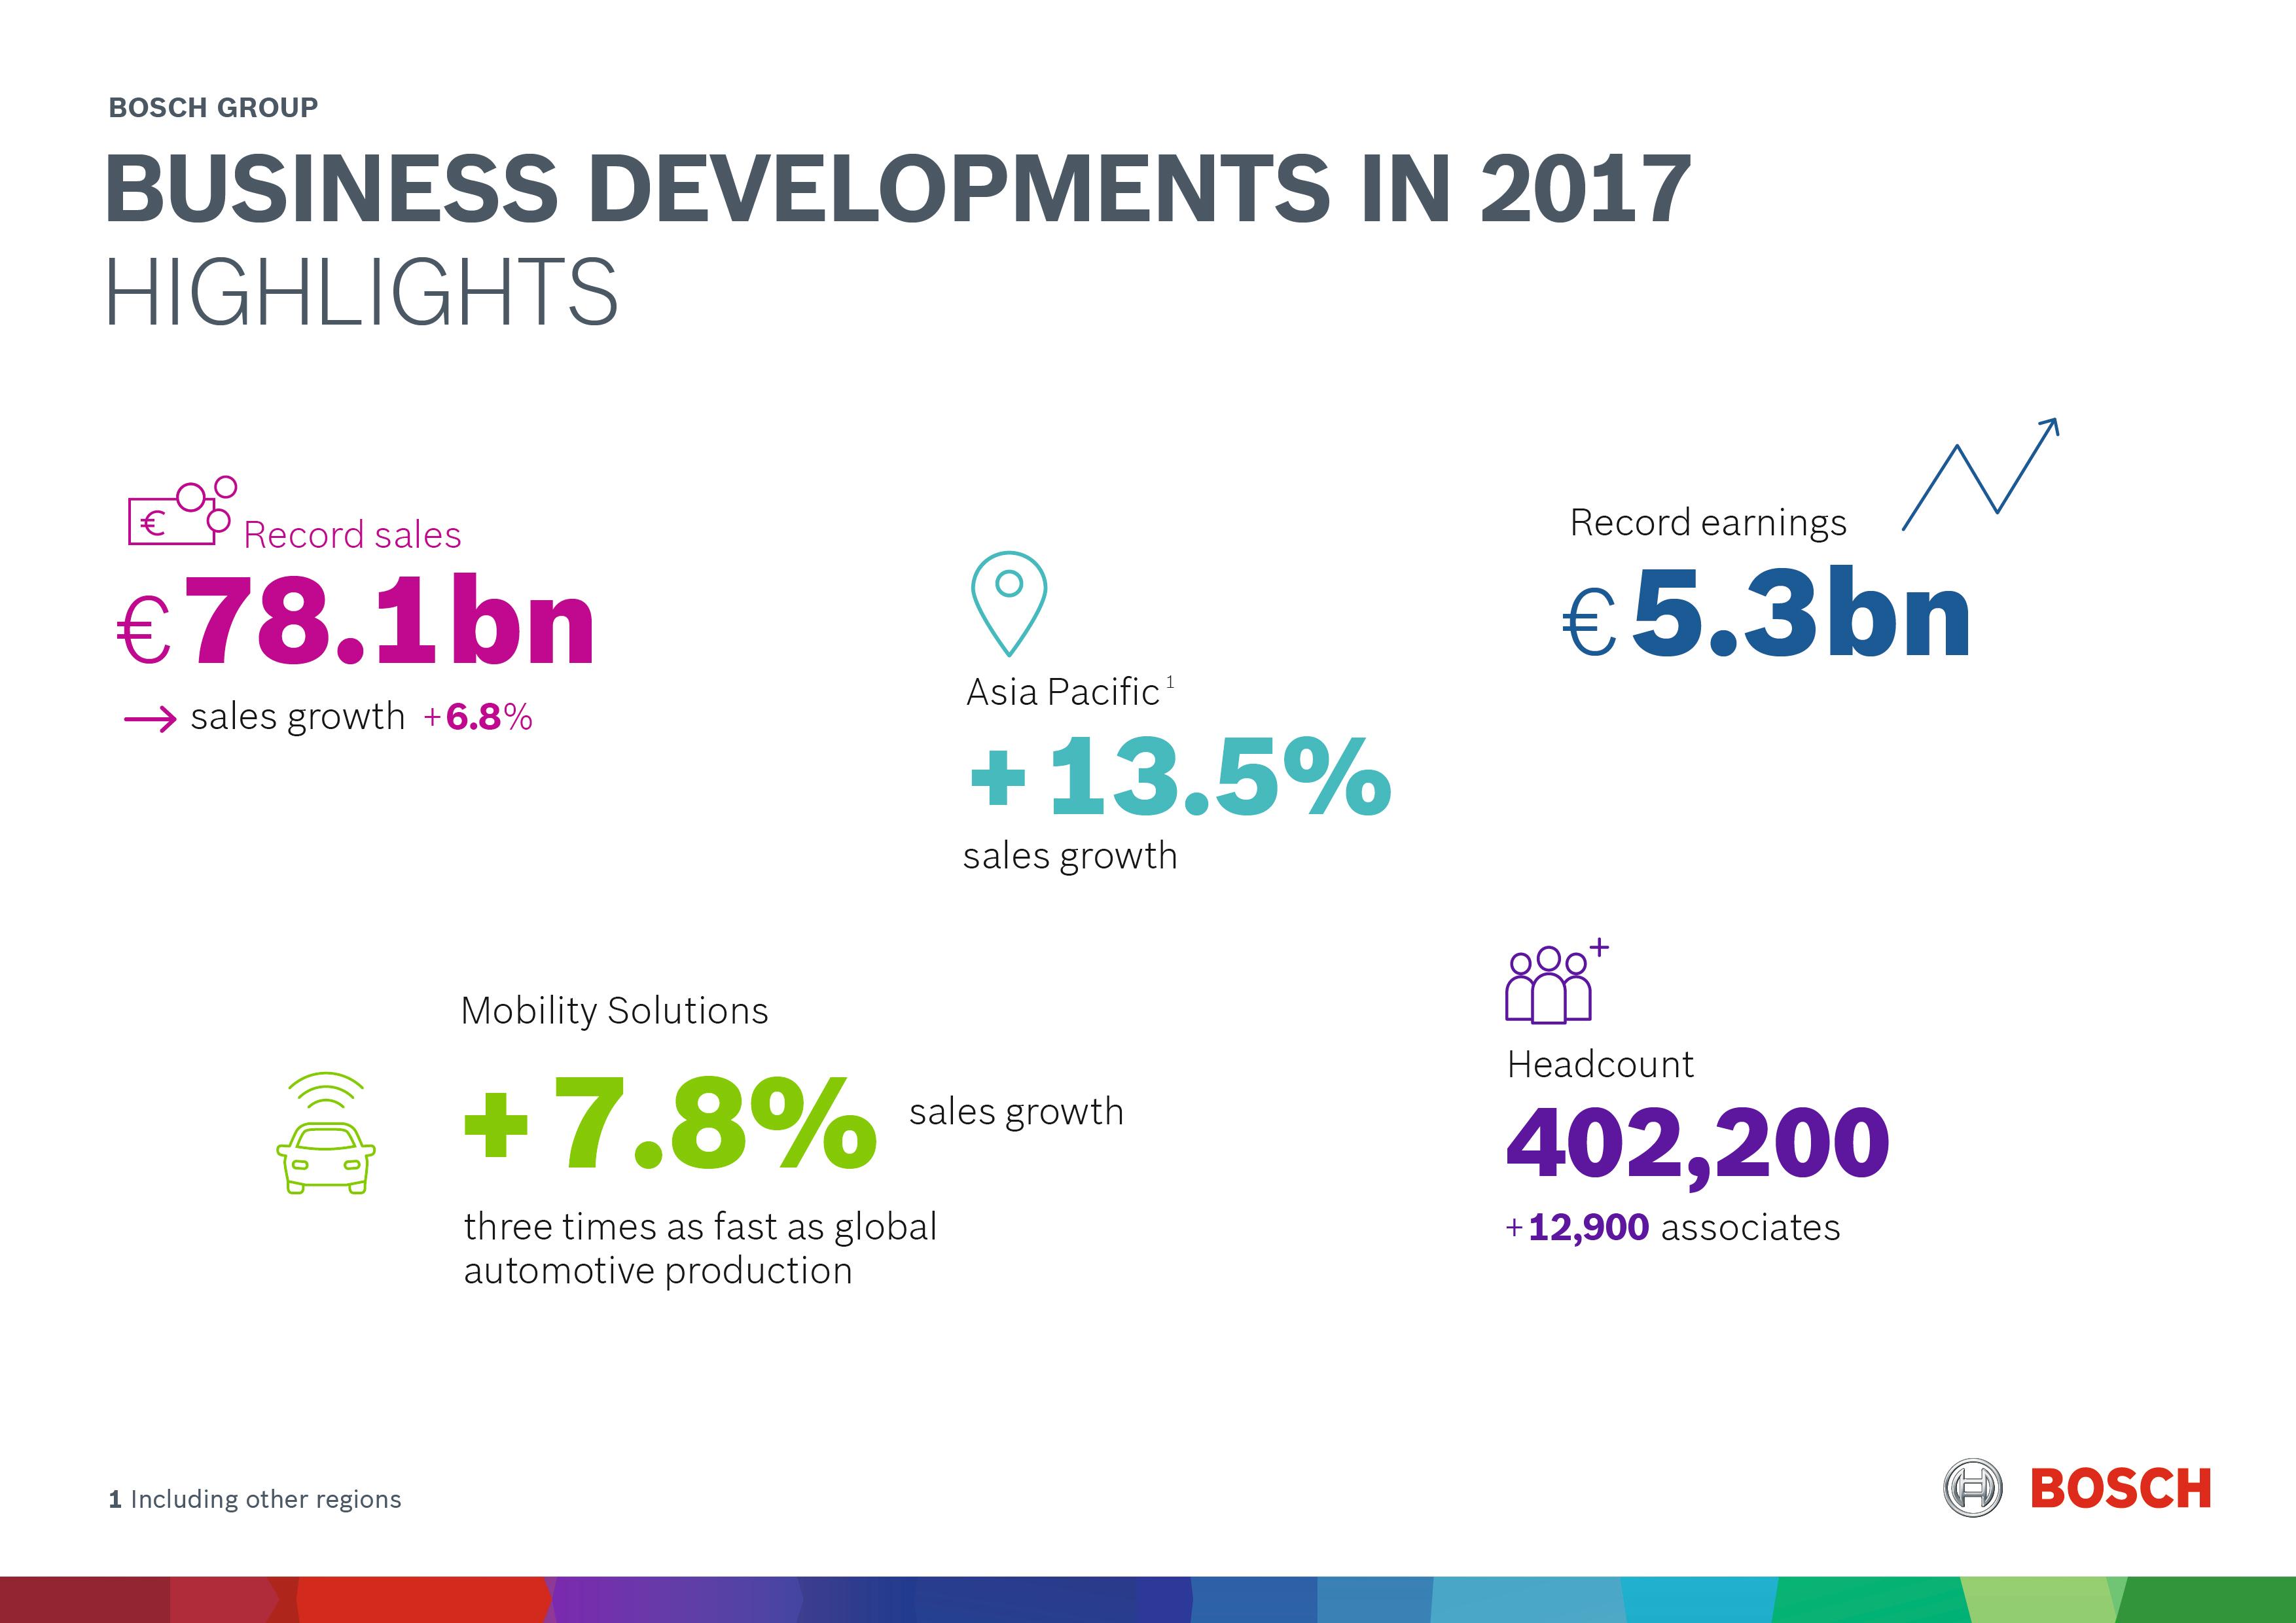 Výsledky za rok 2017 podľa obchodných oblastí